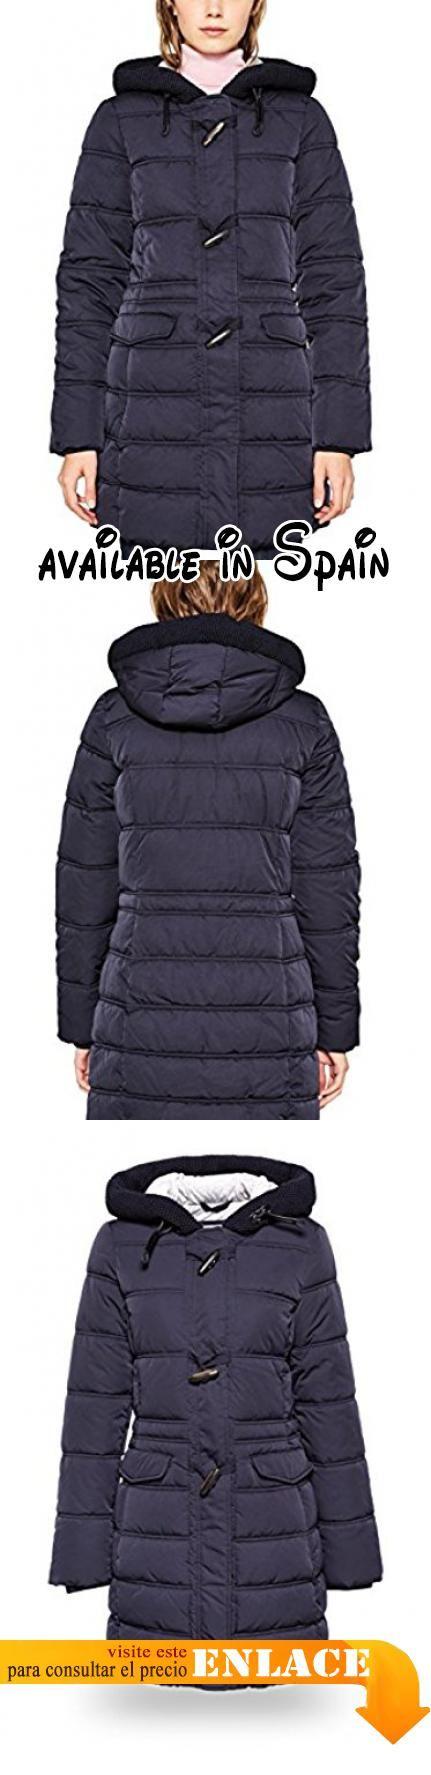 B072BZ3J14 : edc by ESPRIT 097cc1g006 Abrigo para Mujer Azul (Navy 400) X-